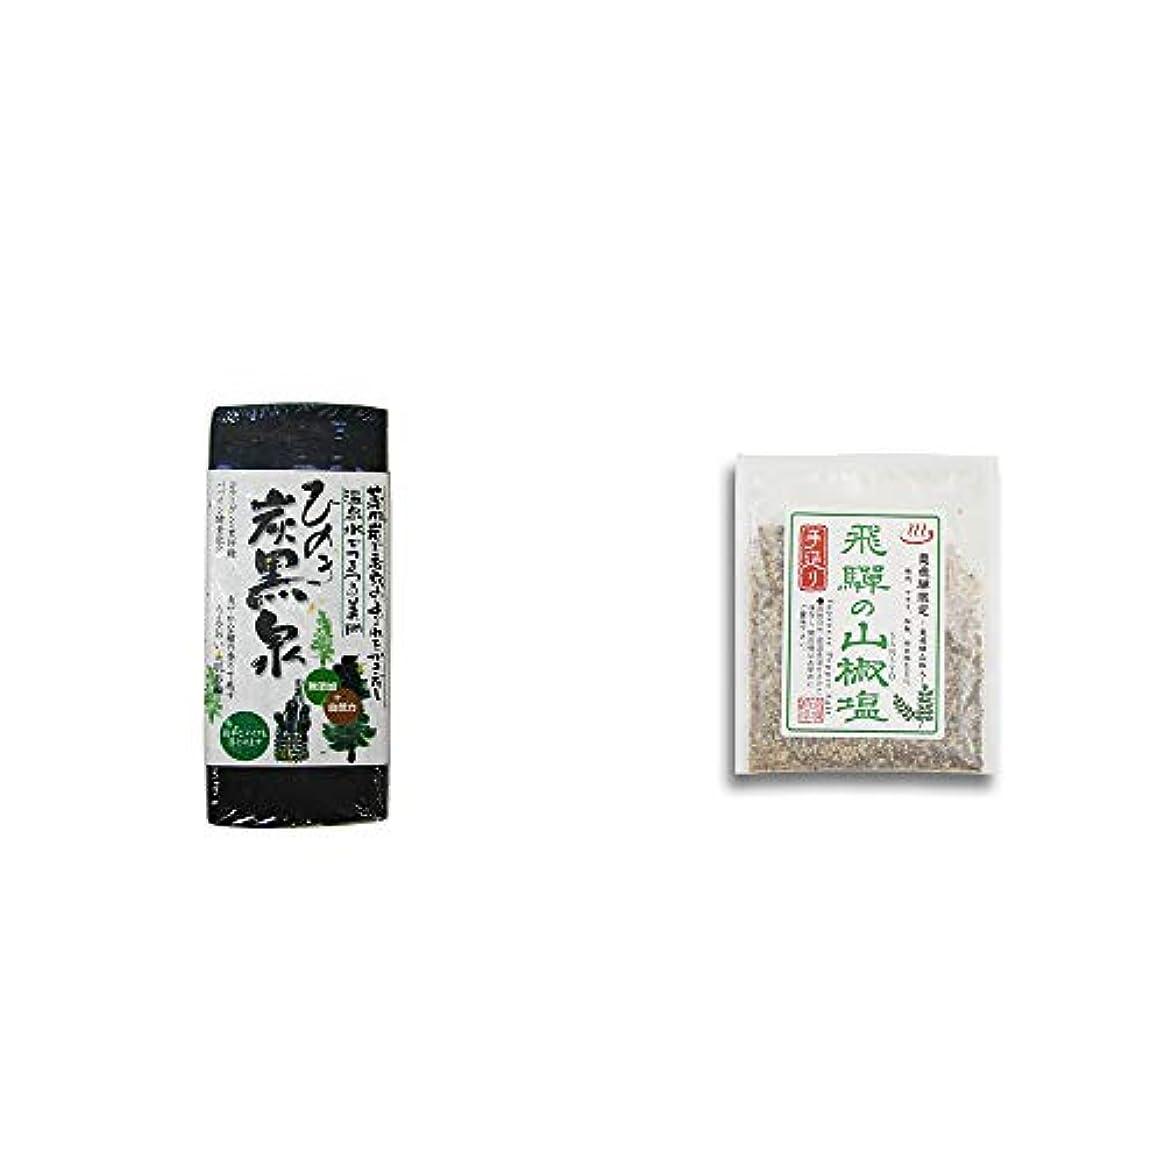 バーマドリブマンハッタン[2点セット] ひのき炭黒泉(75g×2)?手造り 飛騨の山椒塩(40g)